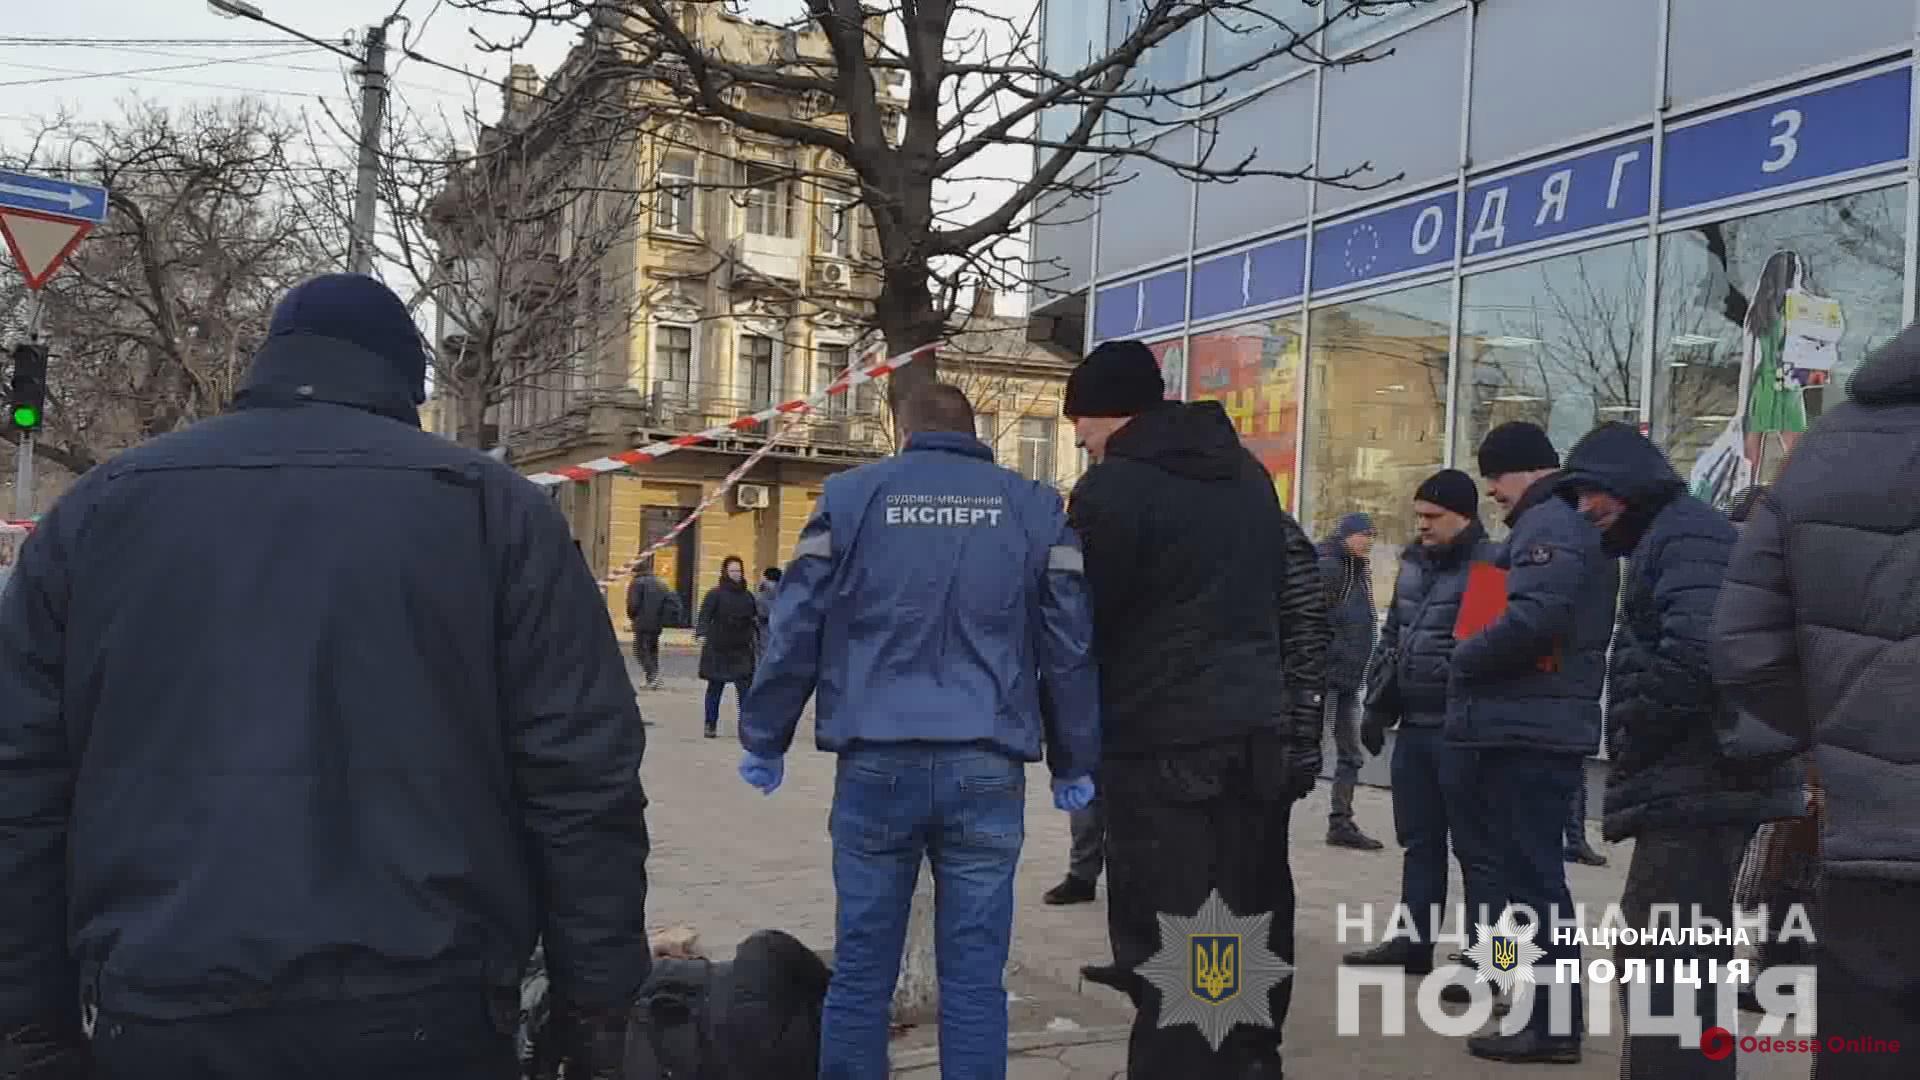 Забил до смерти костылем: в Одессе задержали подозреваемого в убийстве бездомного